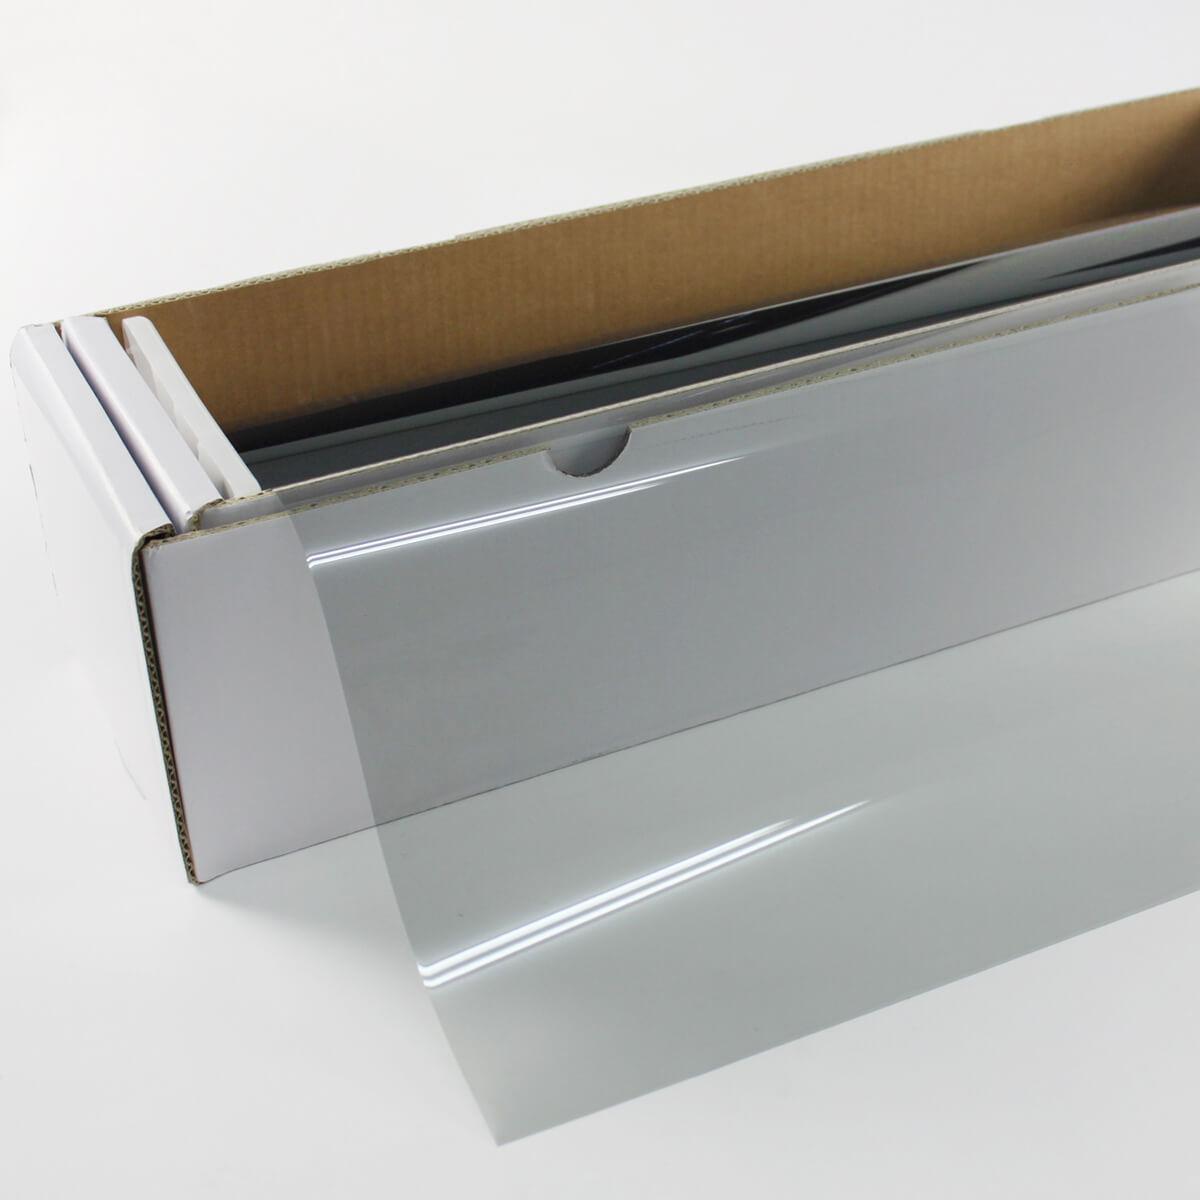 送料無料 ウィンドウフィルム 窓ガラスフィルム スーパーUV400ニュートラル70(71%) 1m幅×30mロール箱売 遮熱フィルム 断熱フィルム UVカットフィルム ブレインテック Braintec